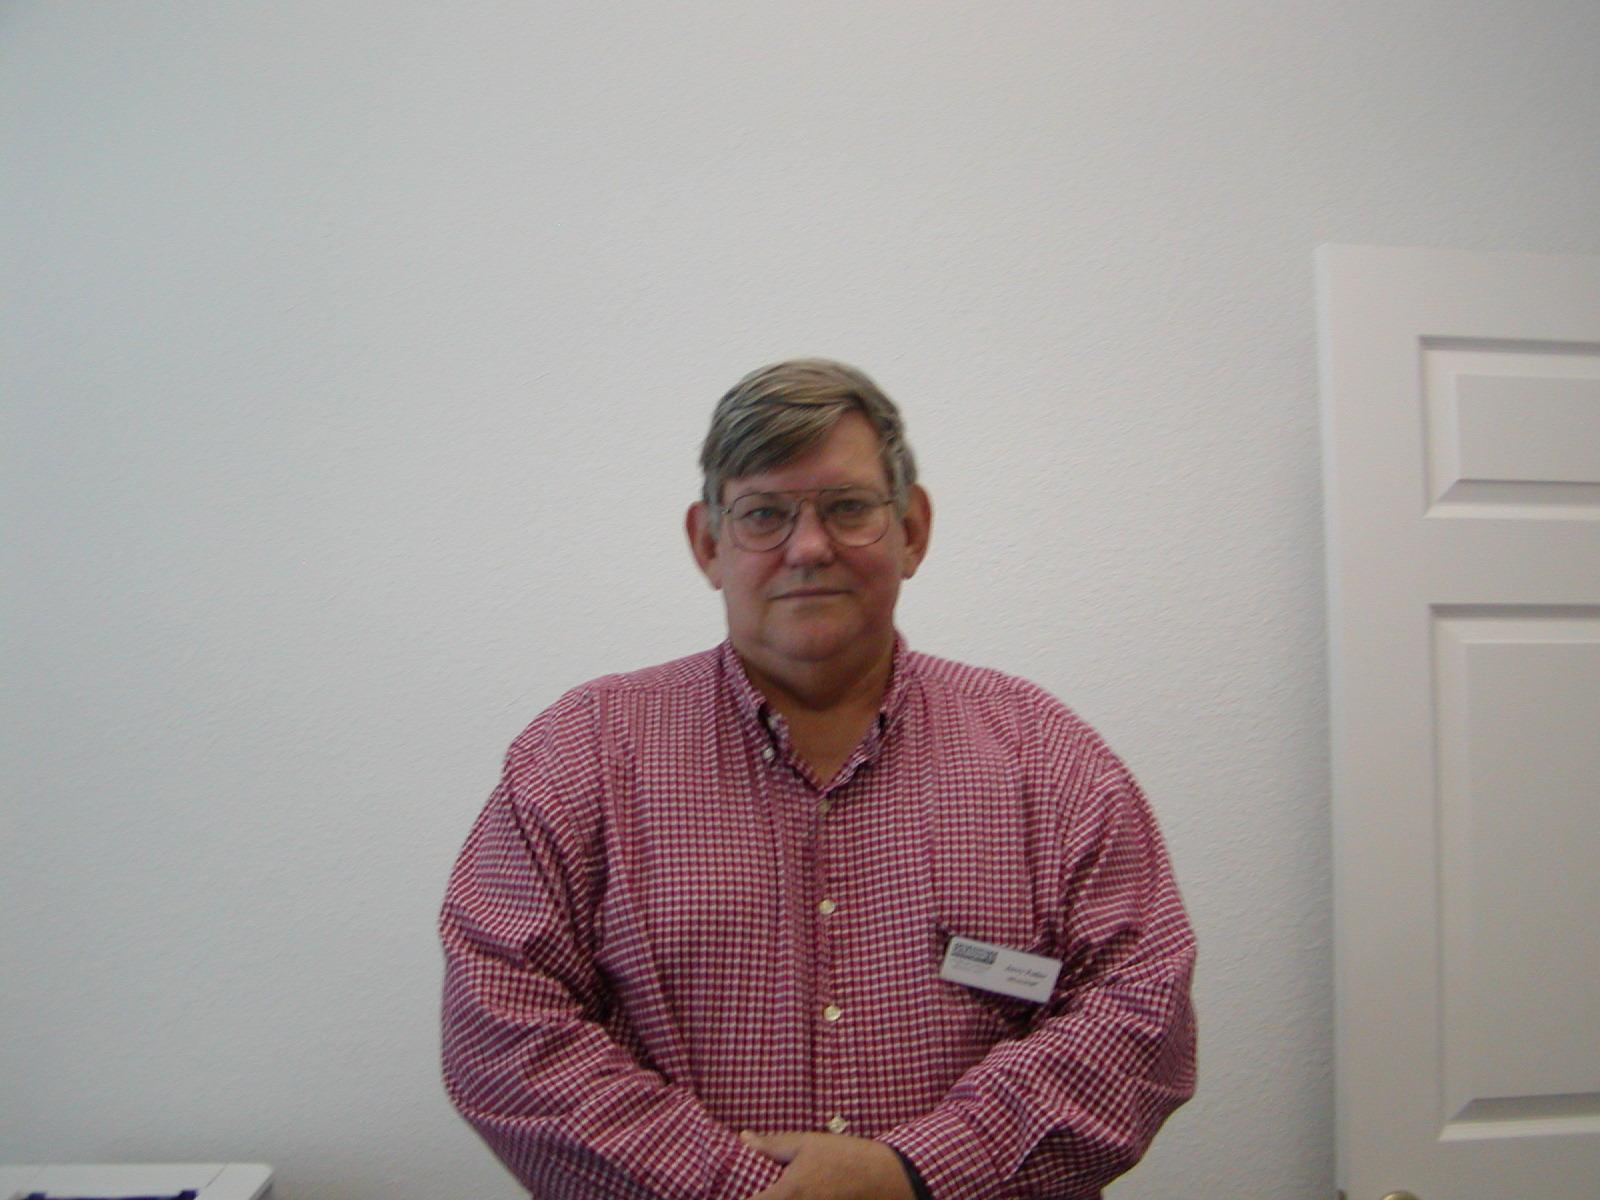 Jerry D. Fuller